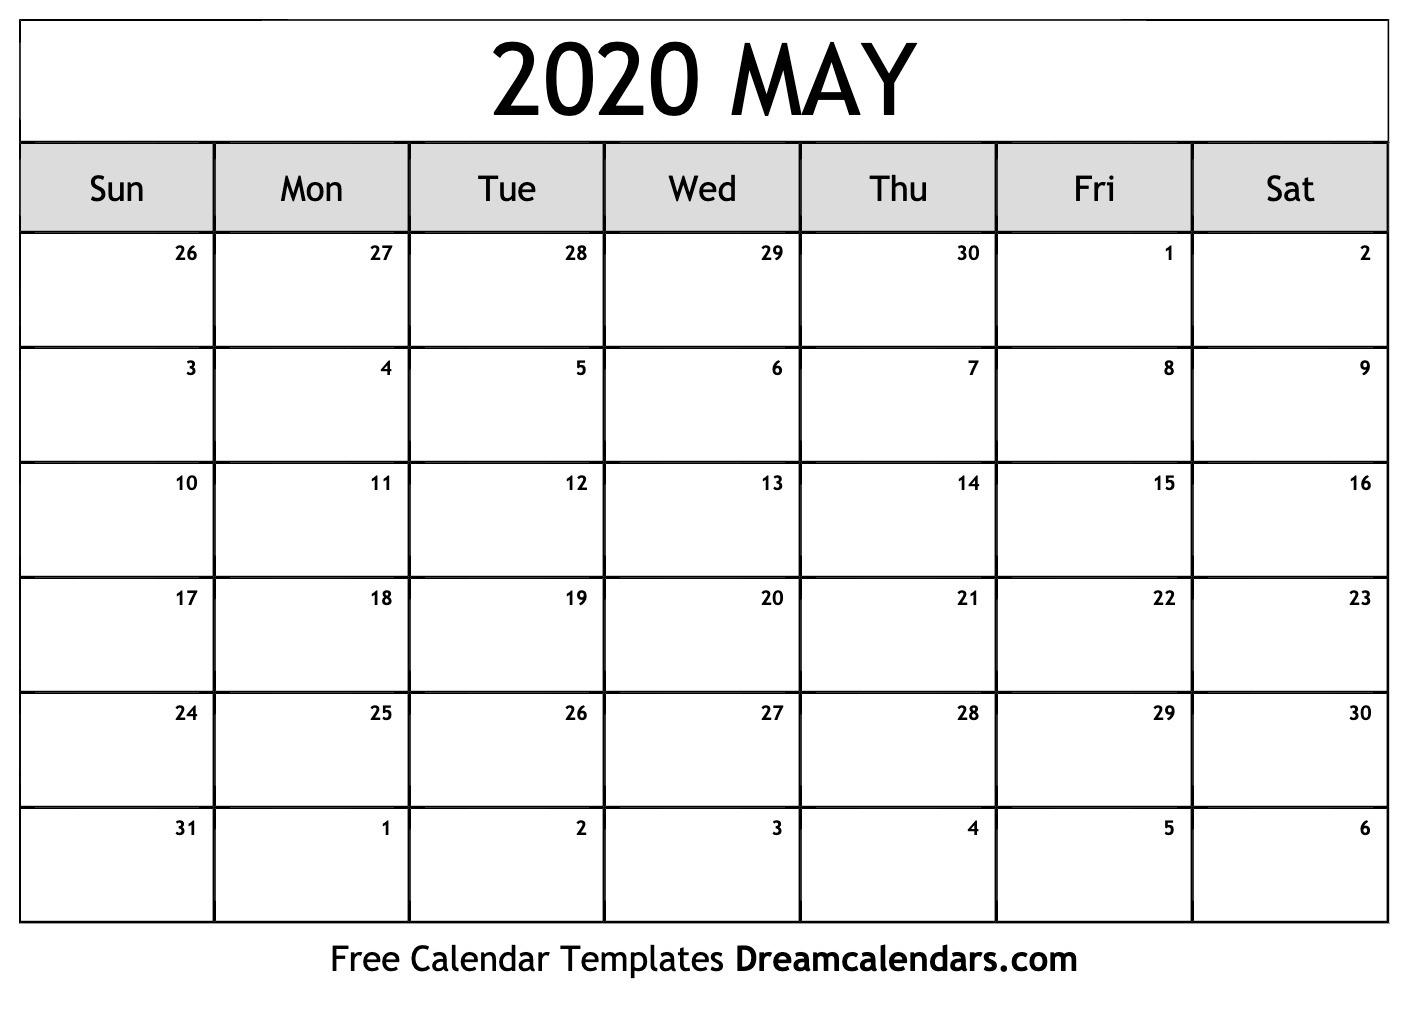 May 2020 Calendar Printable » Creative Calendar Ideas